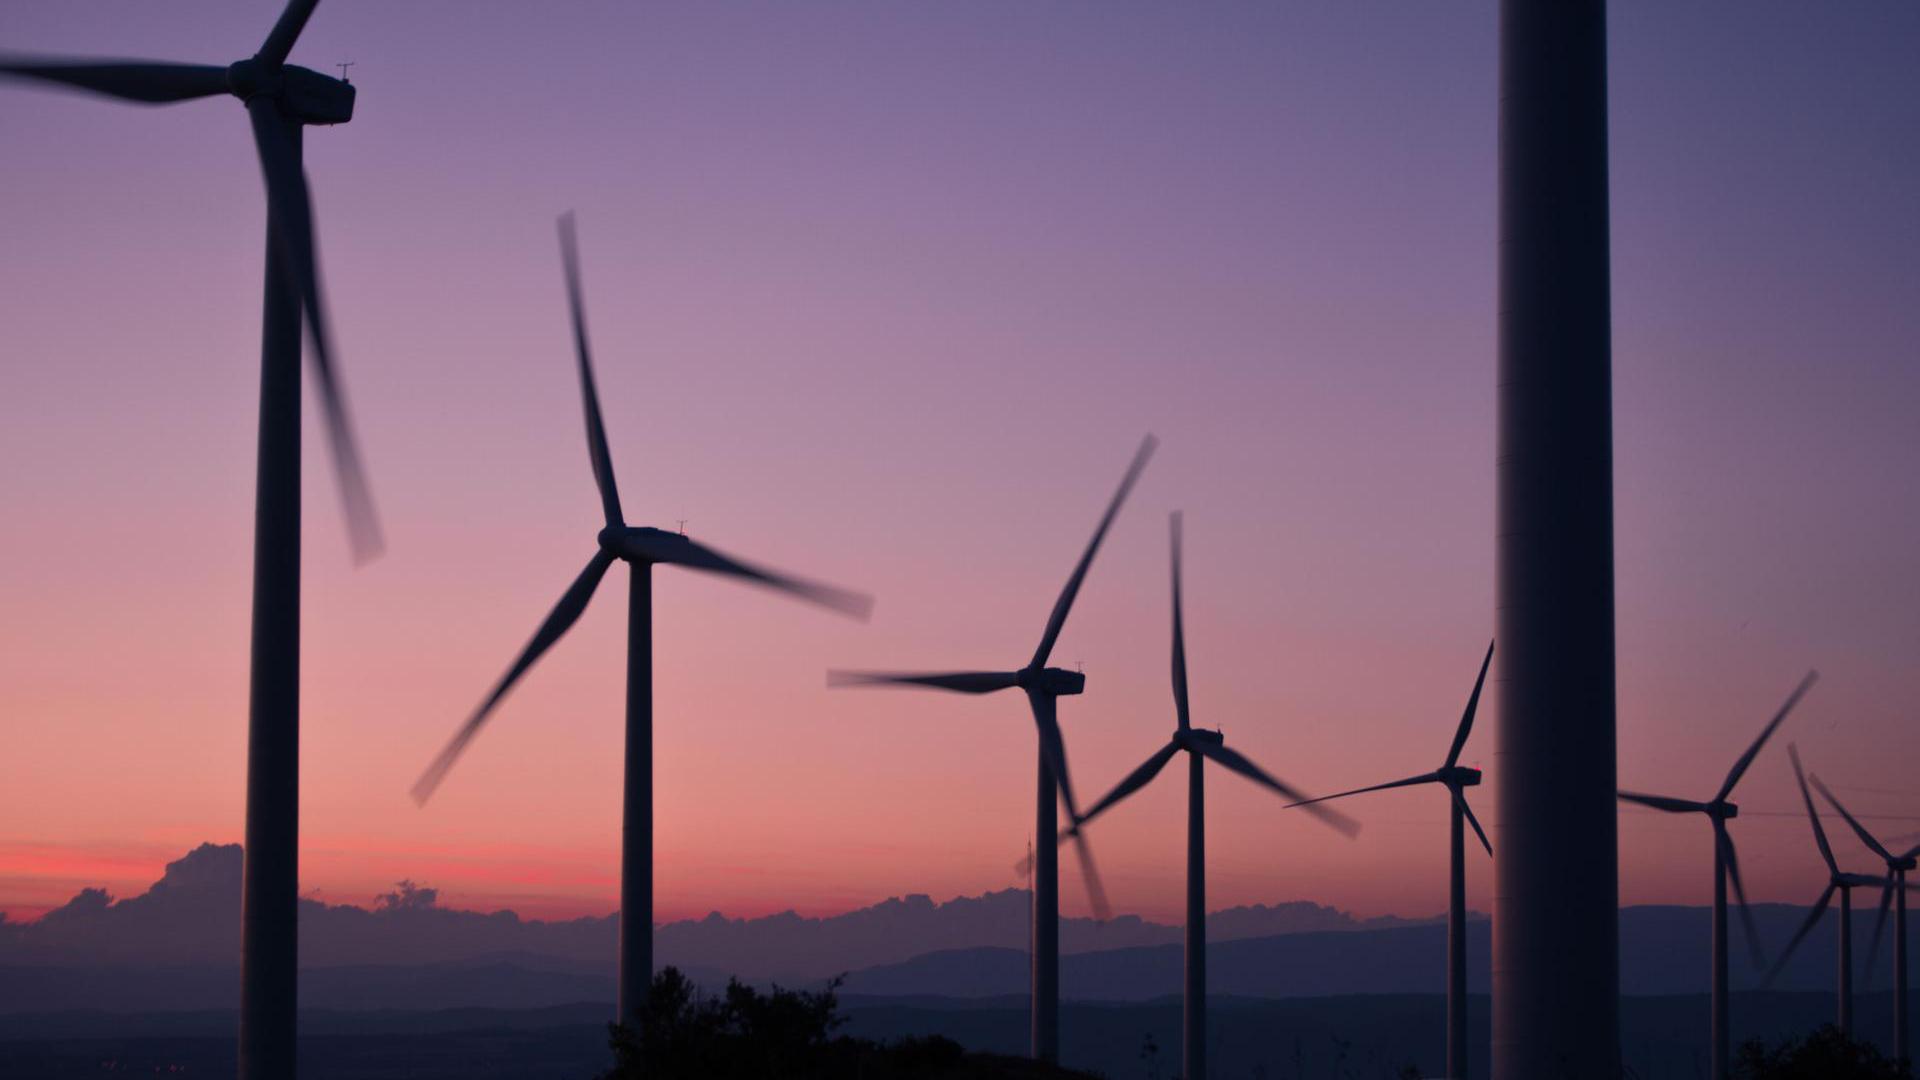 Mehrere Windräder drehen sich im Sonnenuntergang.